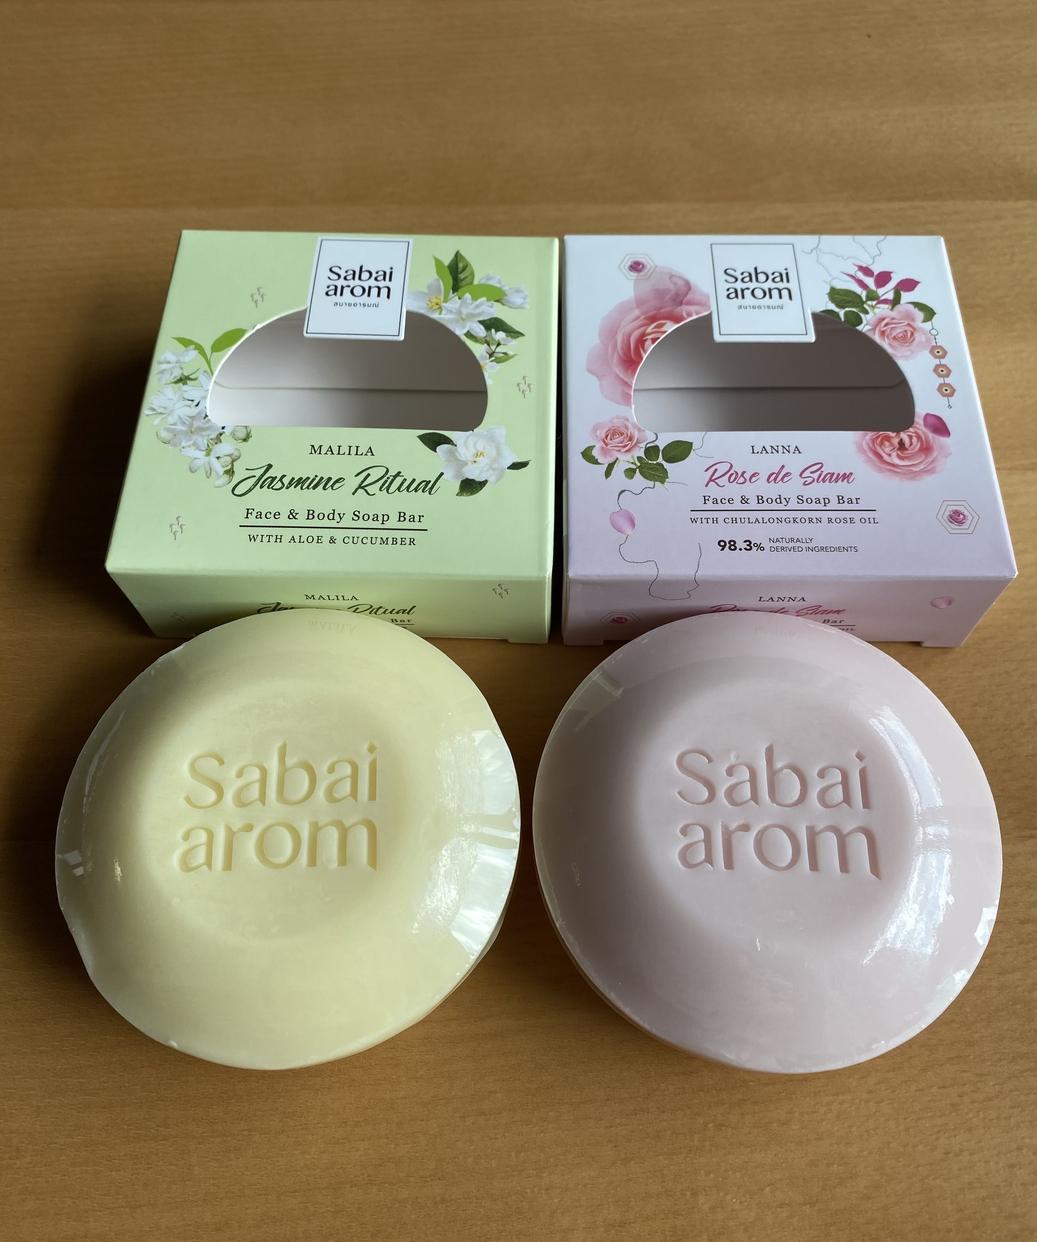 Sabai arom(サバイアロム) フェイス&ボディソープバーを使ったLunaさんのクチコミ画像1